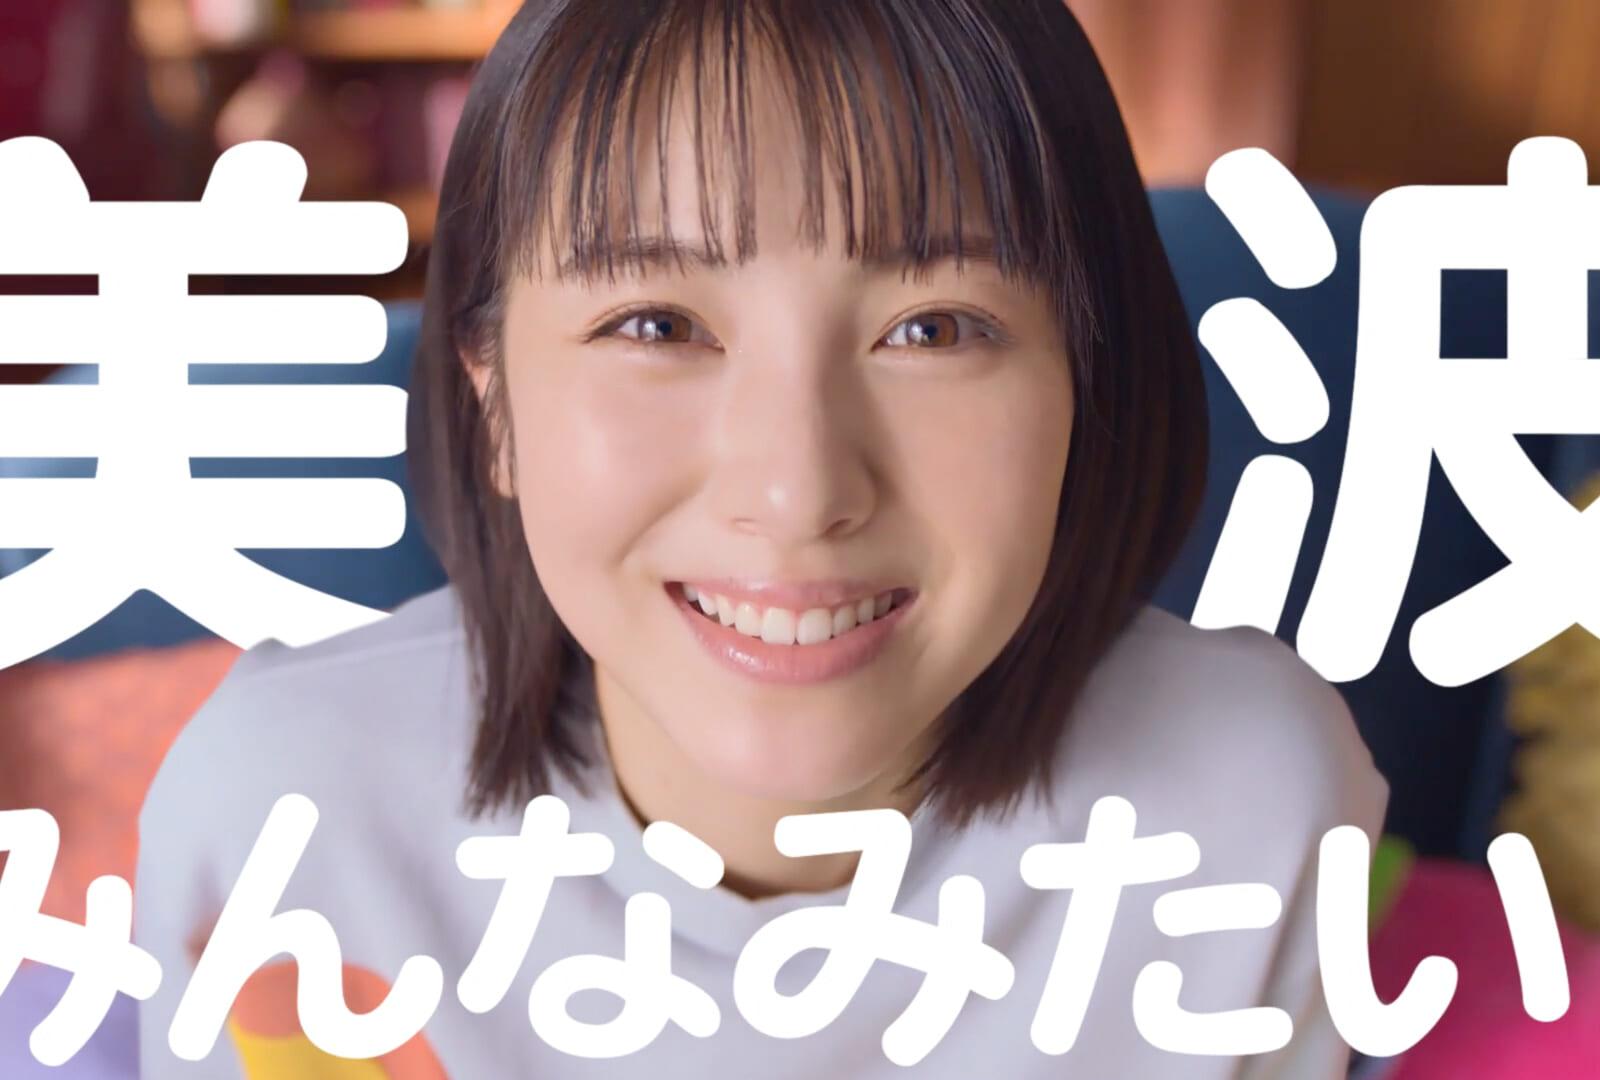 浜辺美波「美波、みんなみたい」にグッとくる!<dアニメストア新CM>